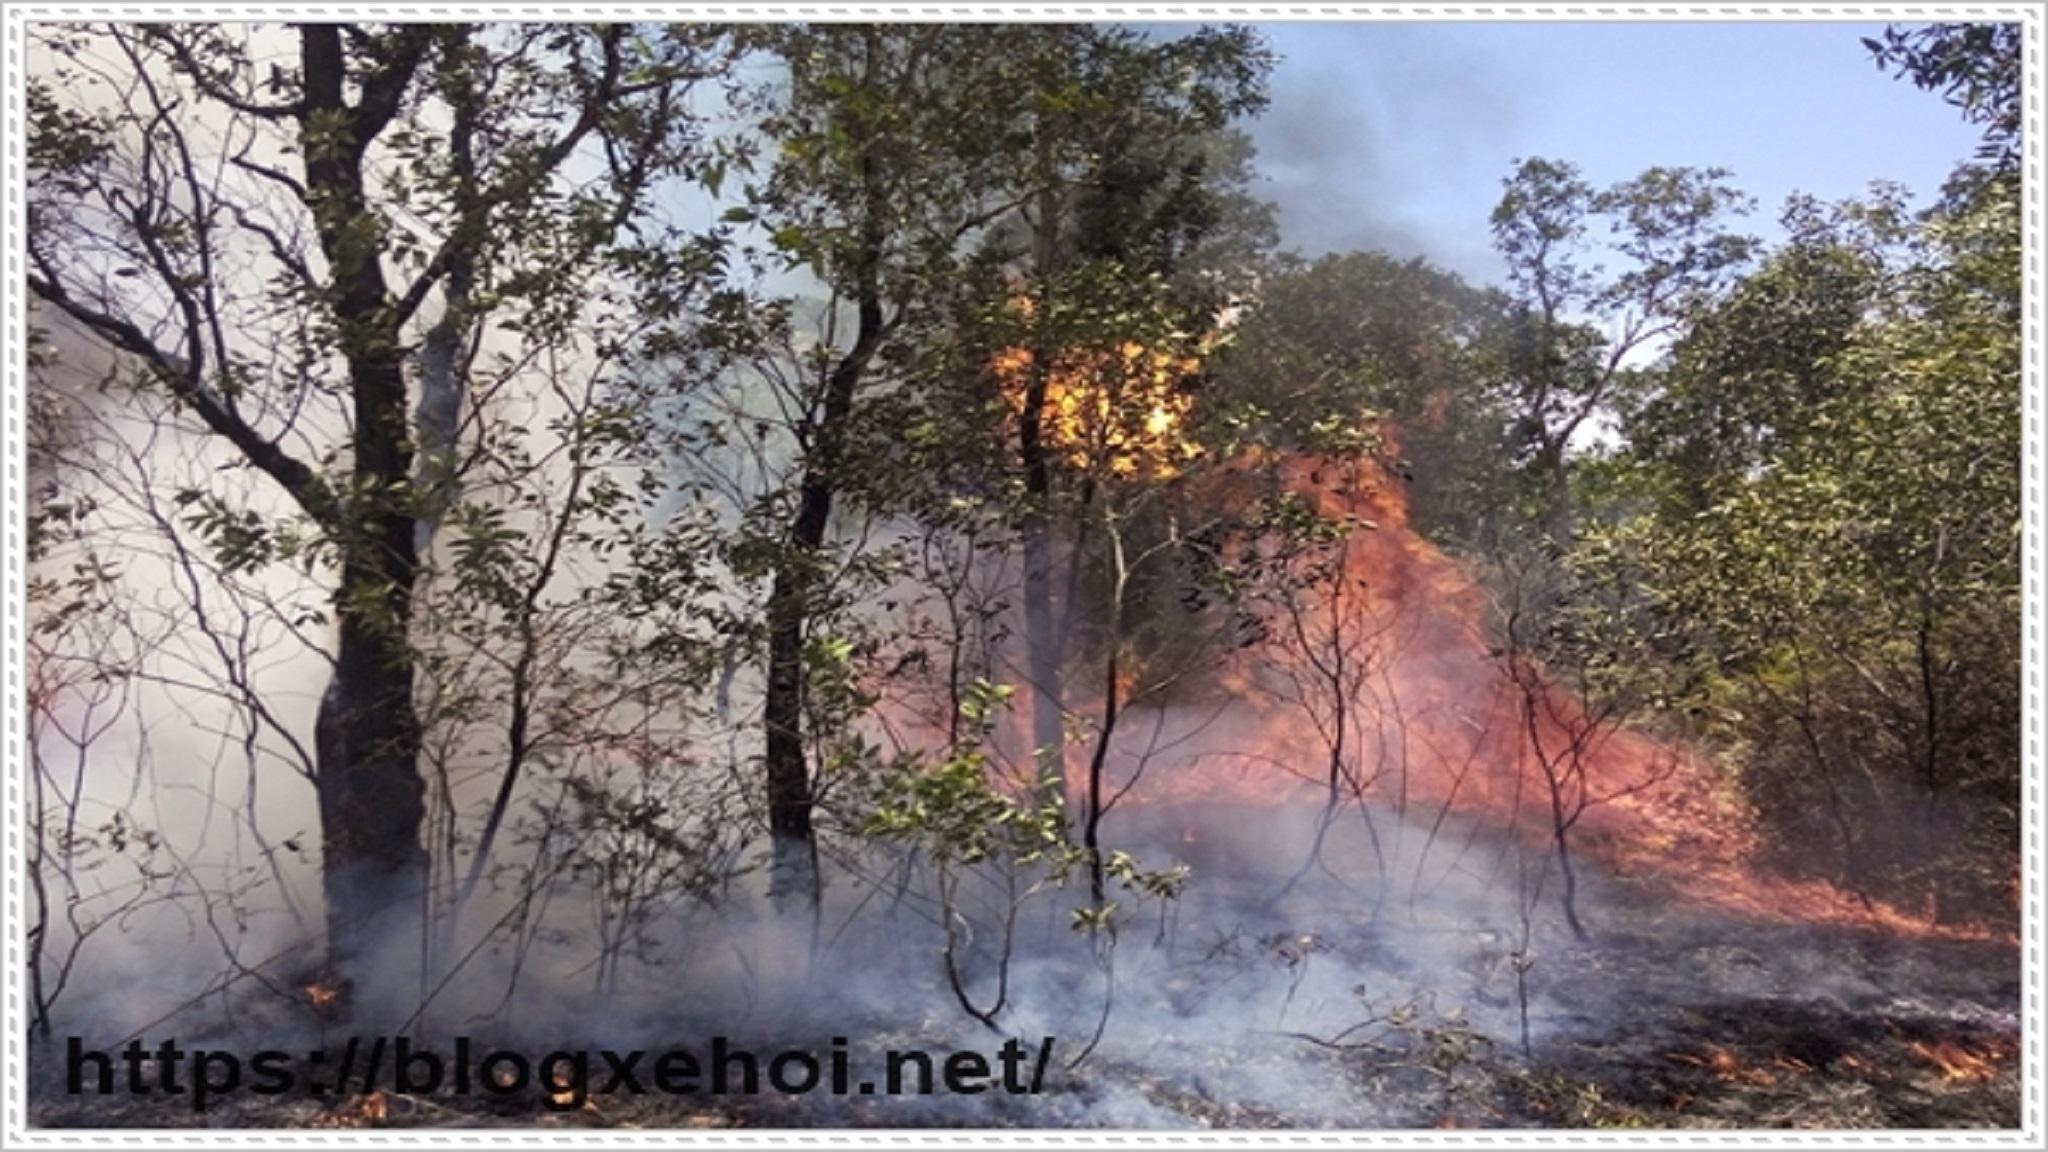 Ô nhiễm môi trường rừng (@onhiemmoitruongrung) Cover Image